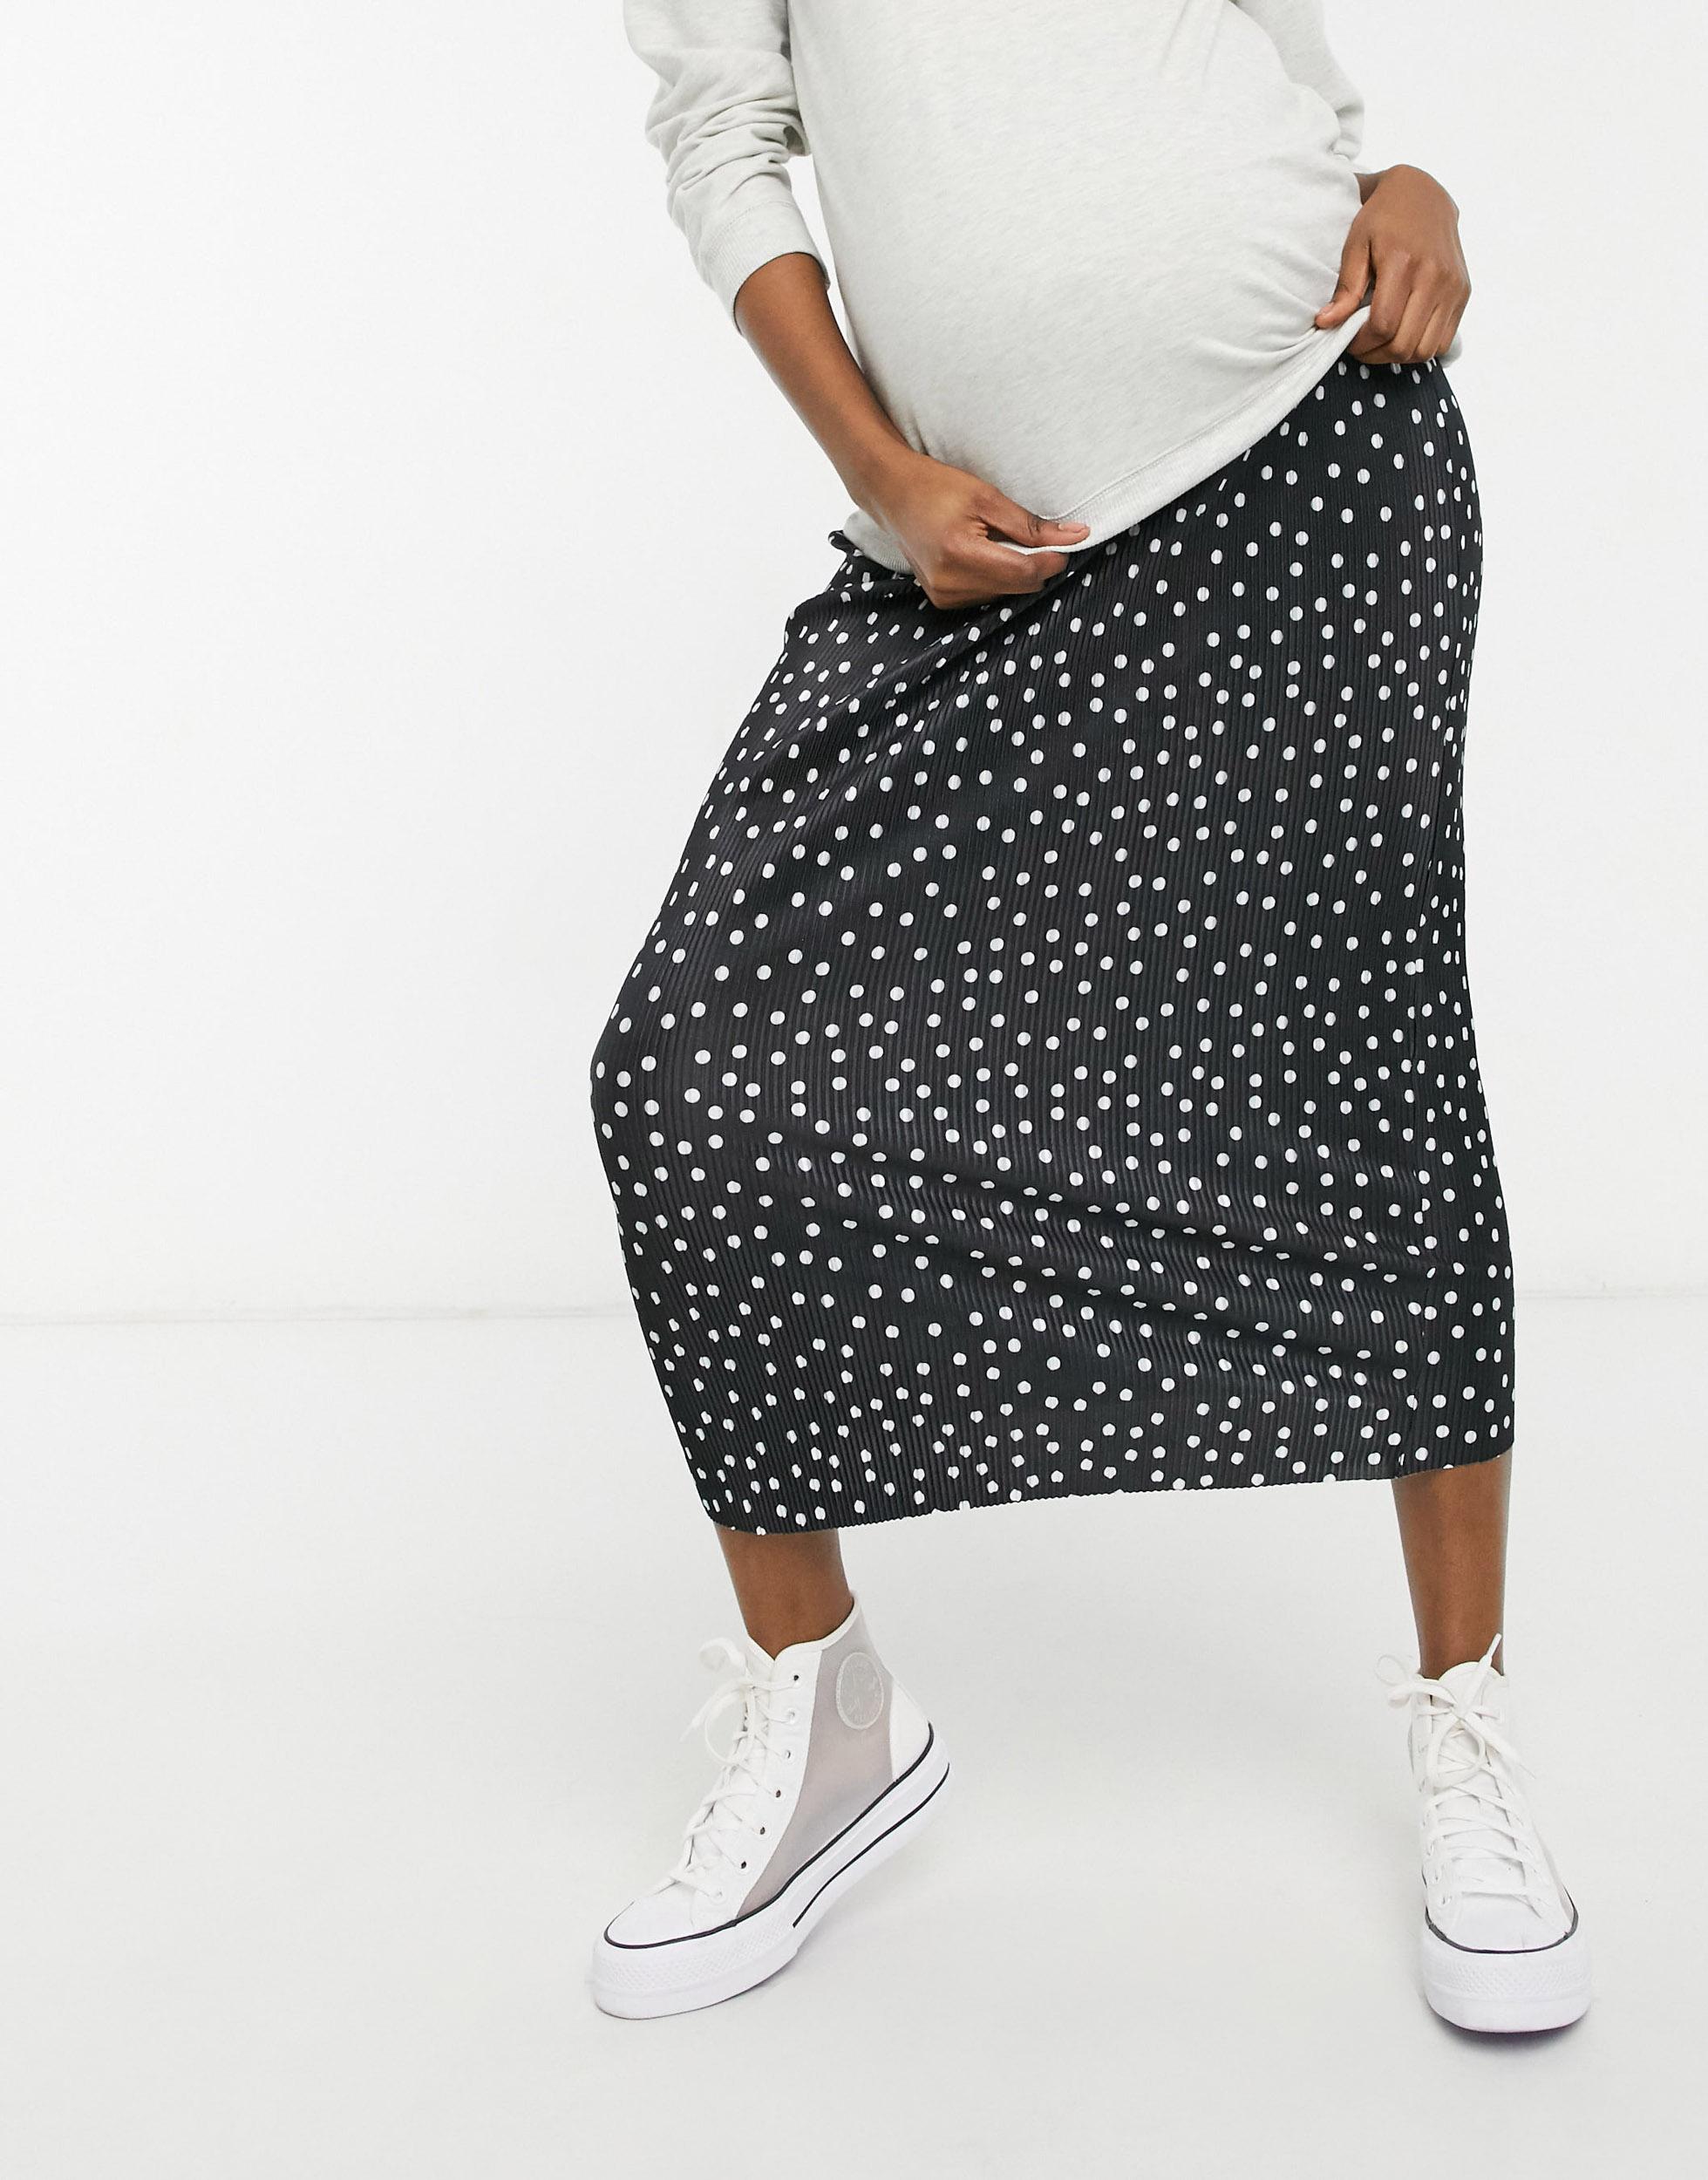 Falda midi de corte columna plisado con estampado de lunares monocromáticos